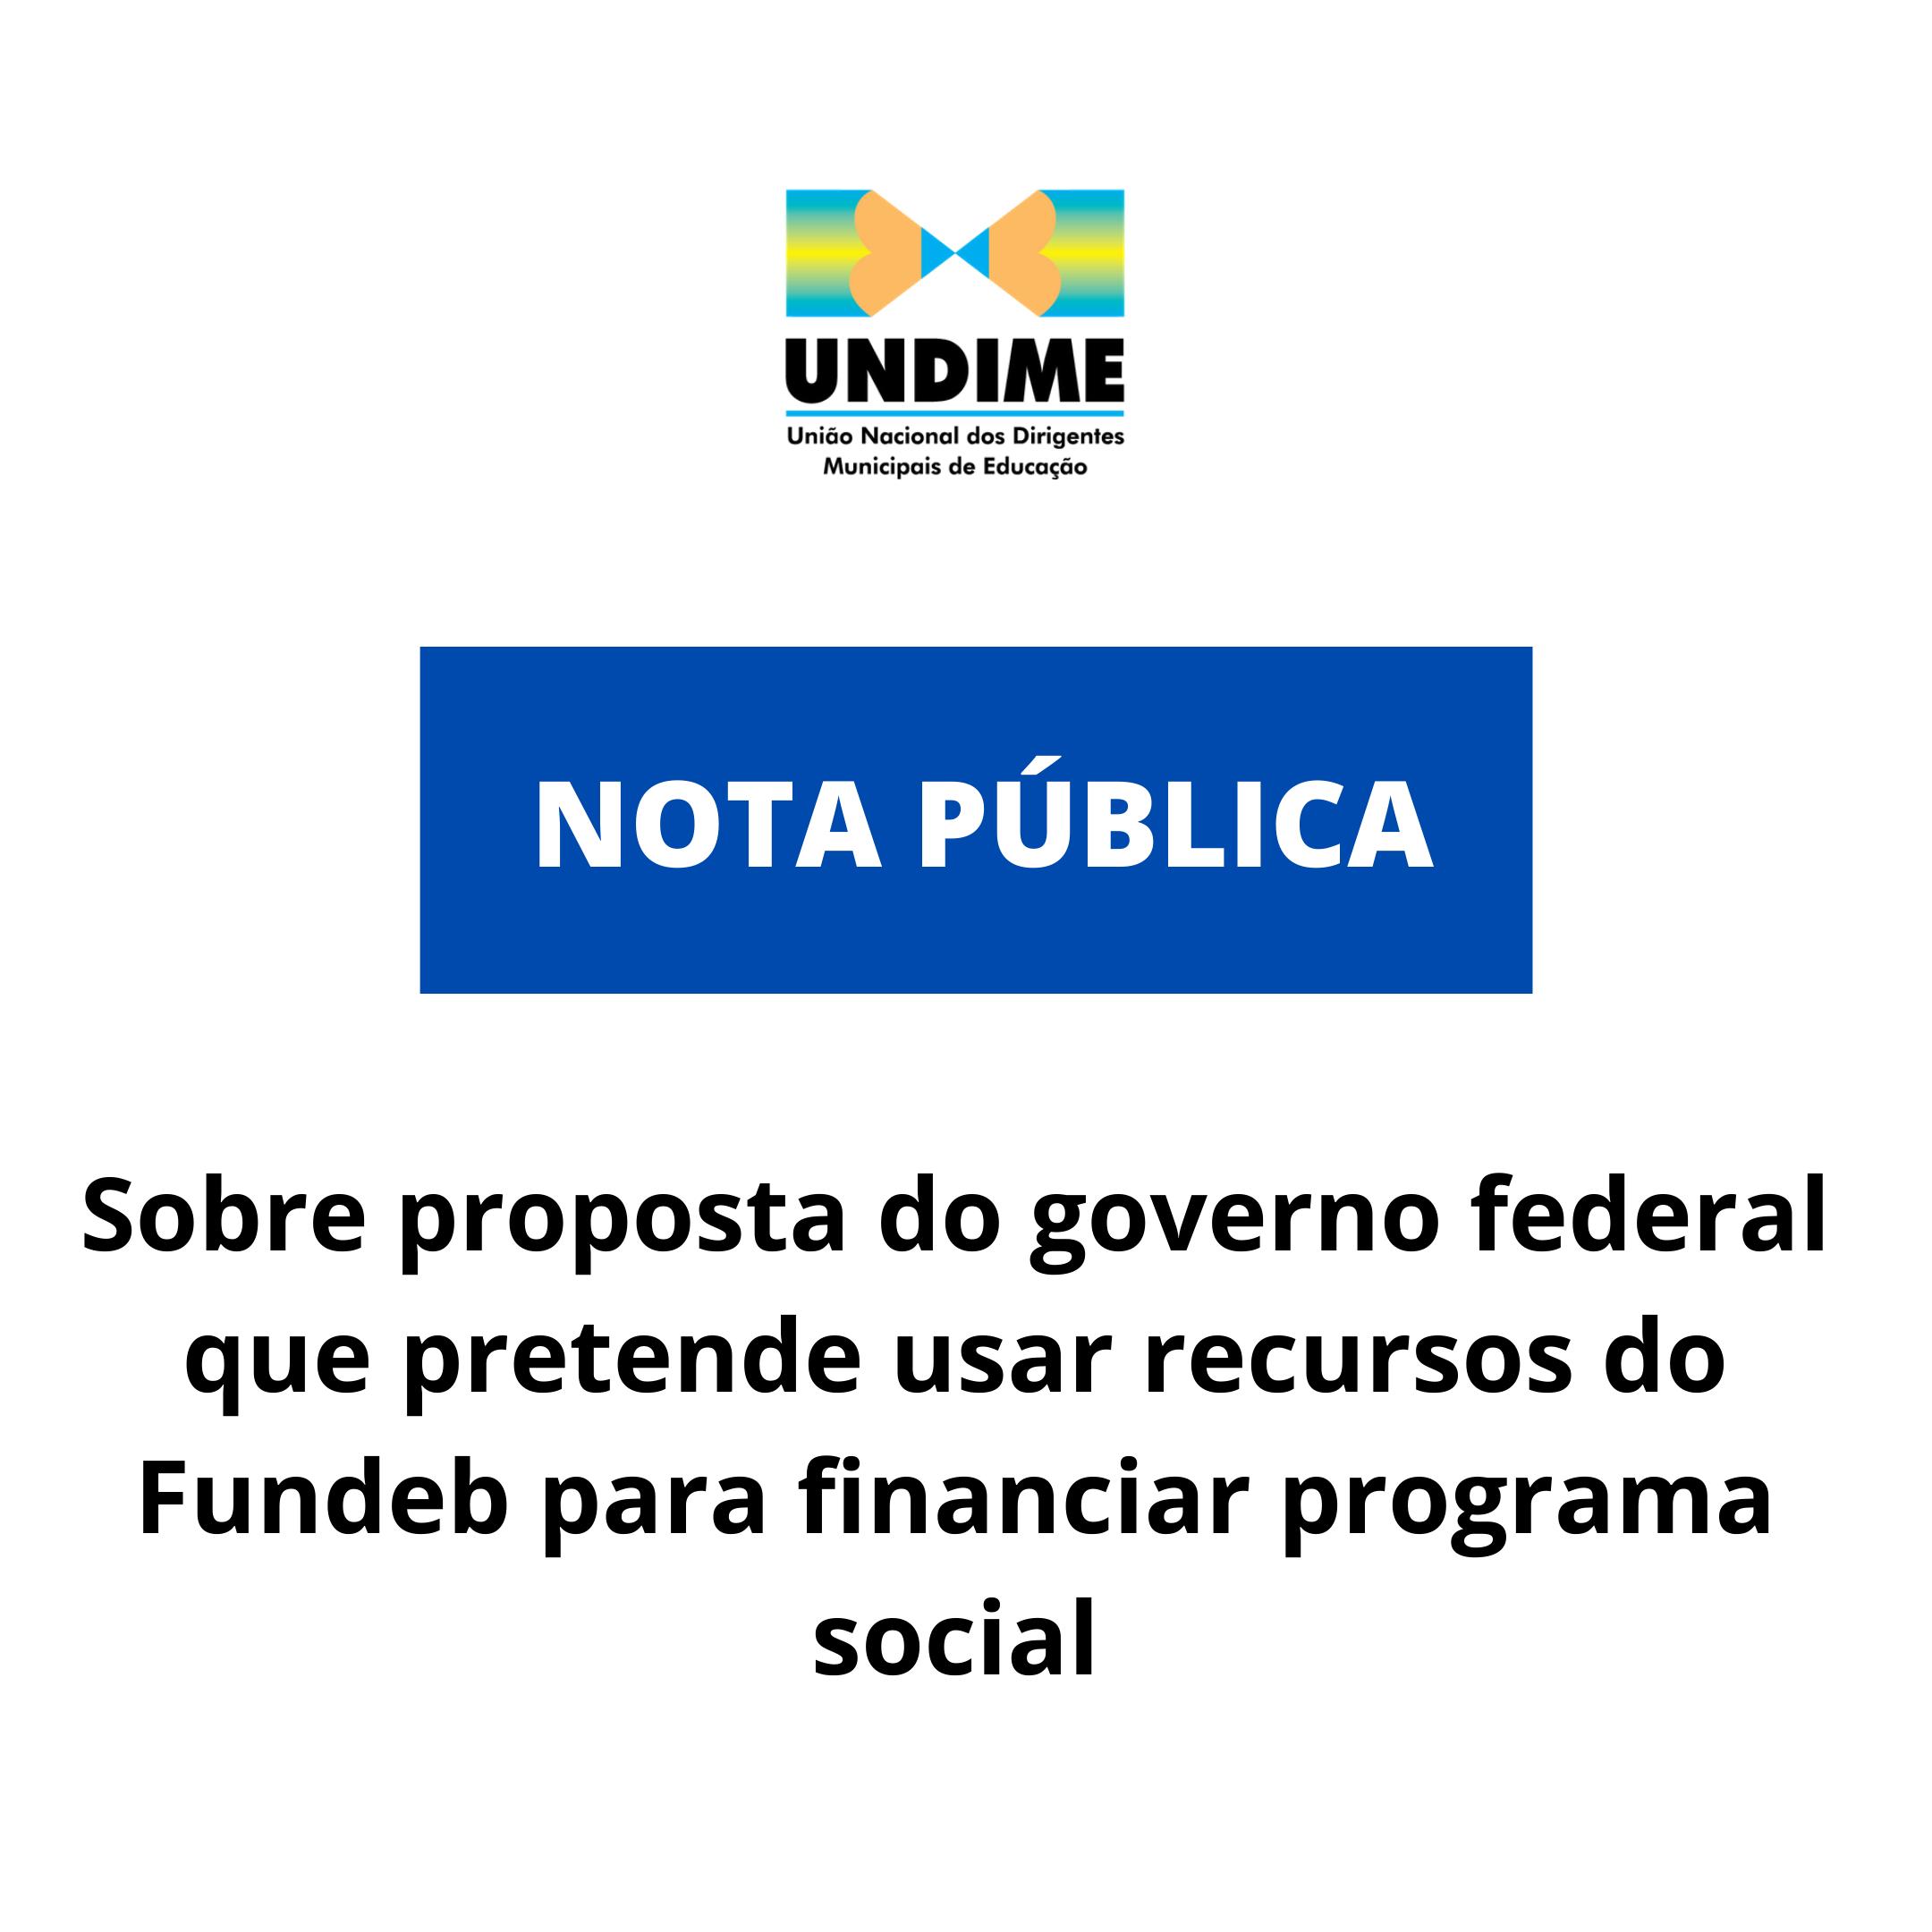 Undime se manifesta sobre proposta do governo federal que pretende usar recursos do Fundeb para financiar programa social